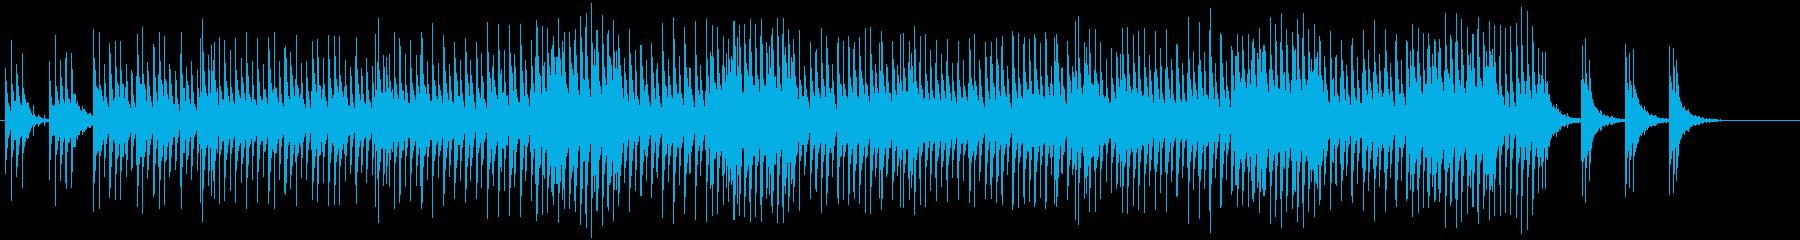 ミステリアスで幻想的な曲、劇半にオススメの再生済みの波形